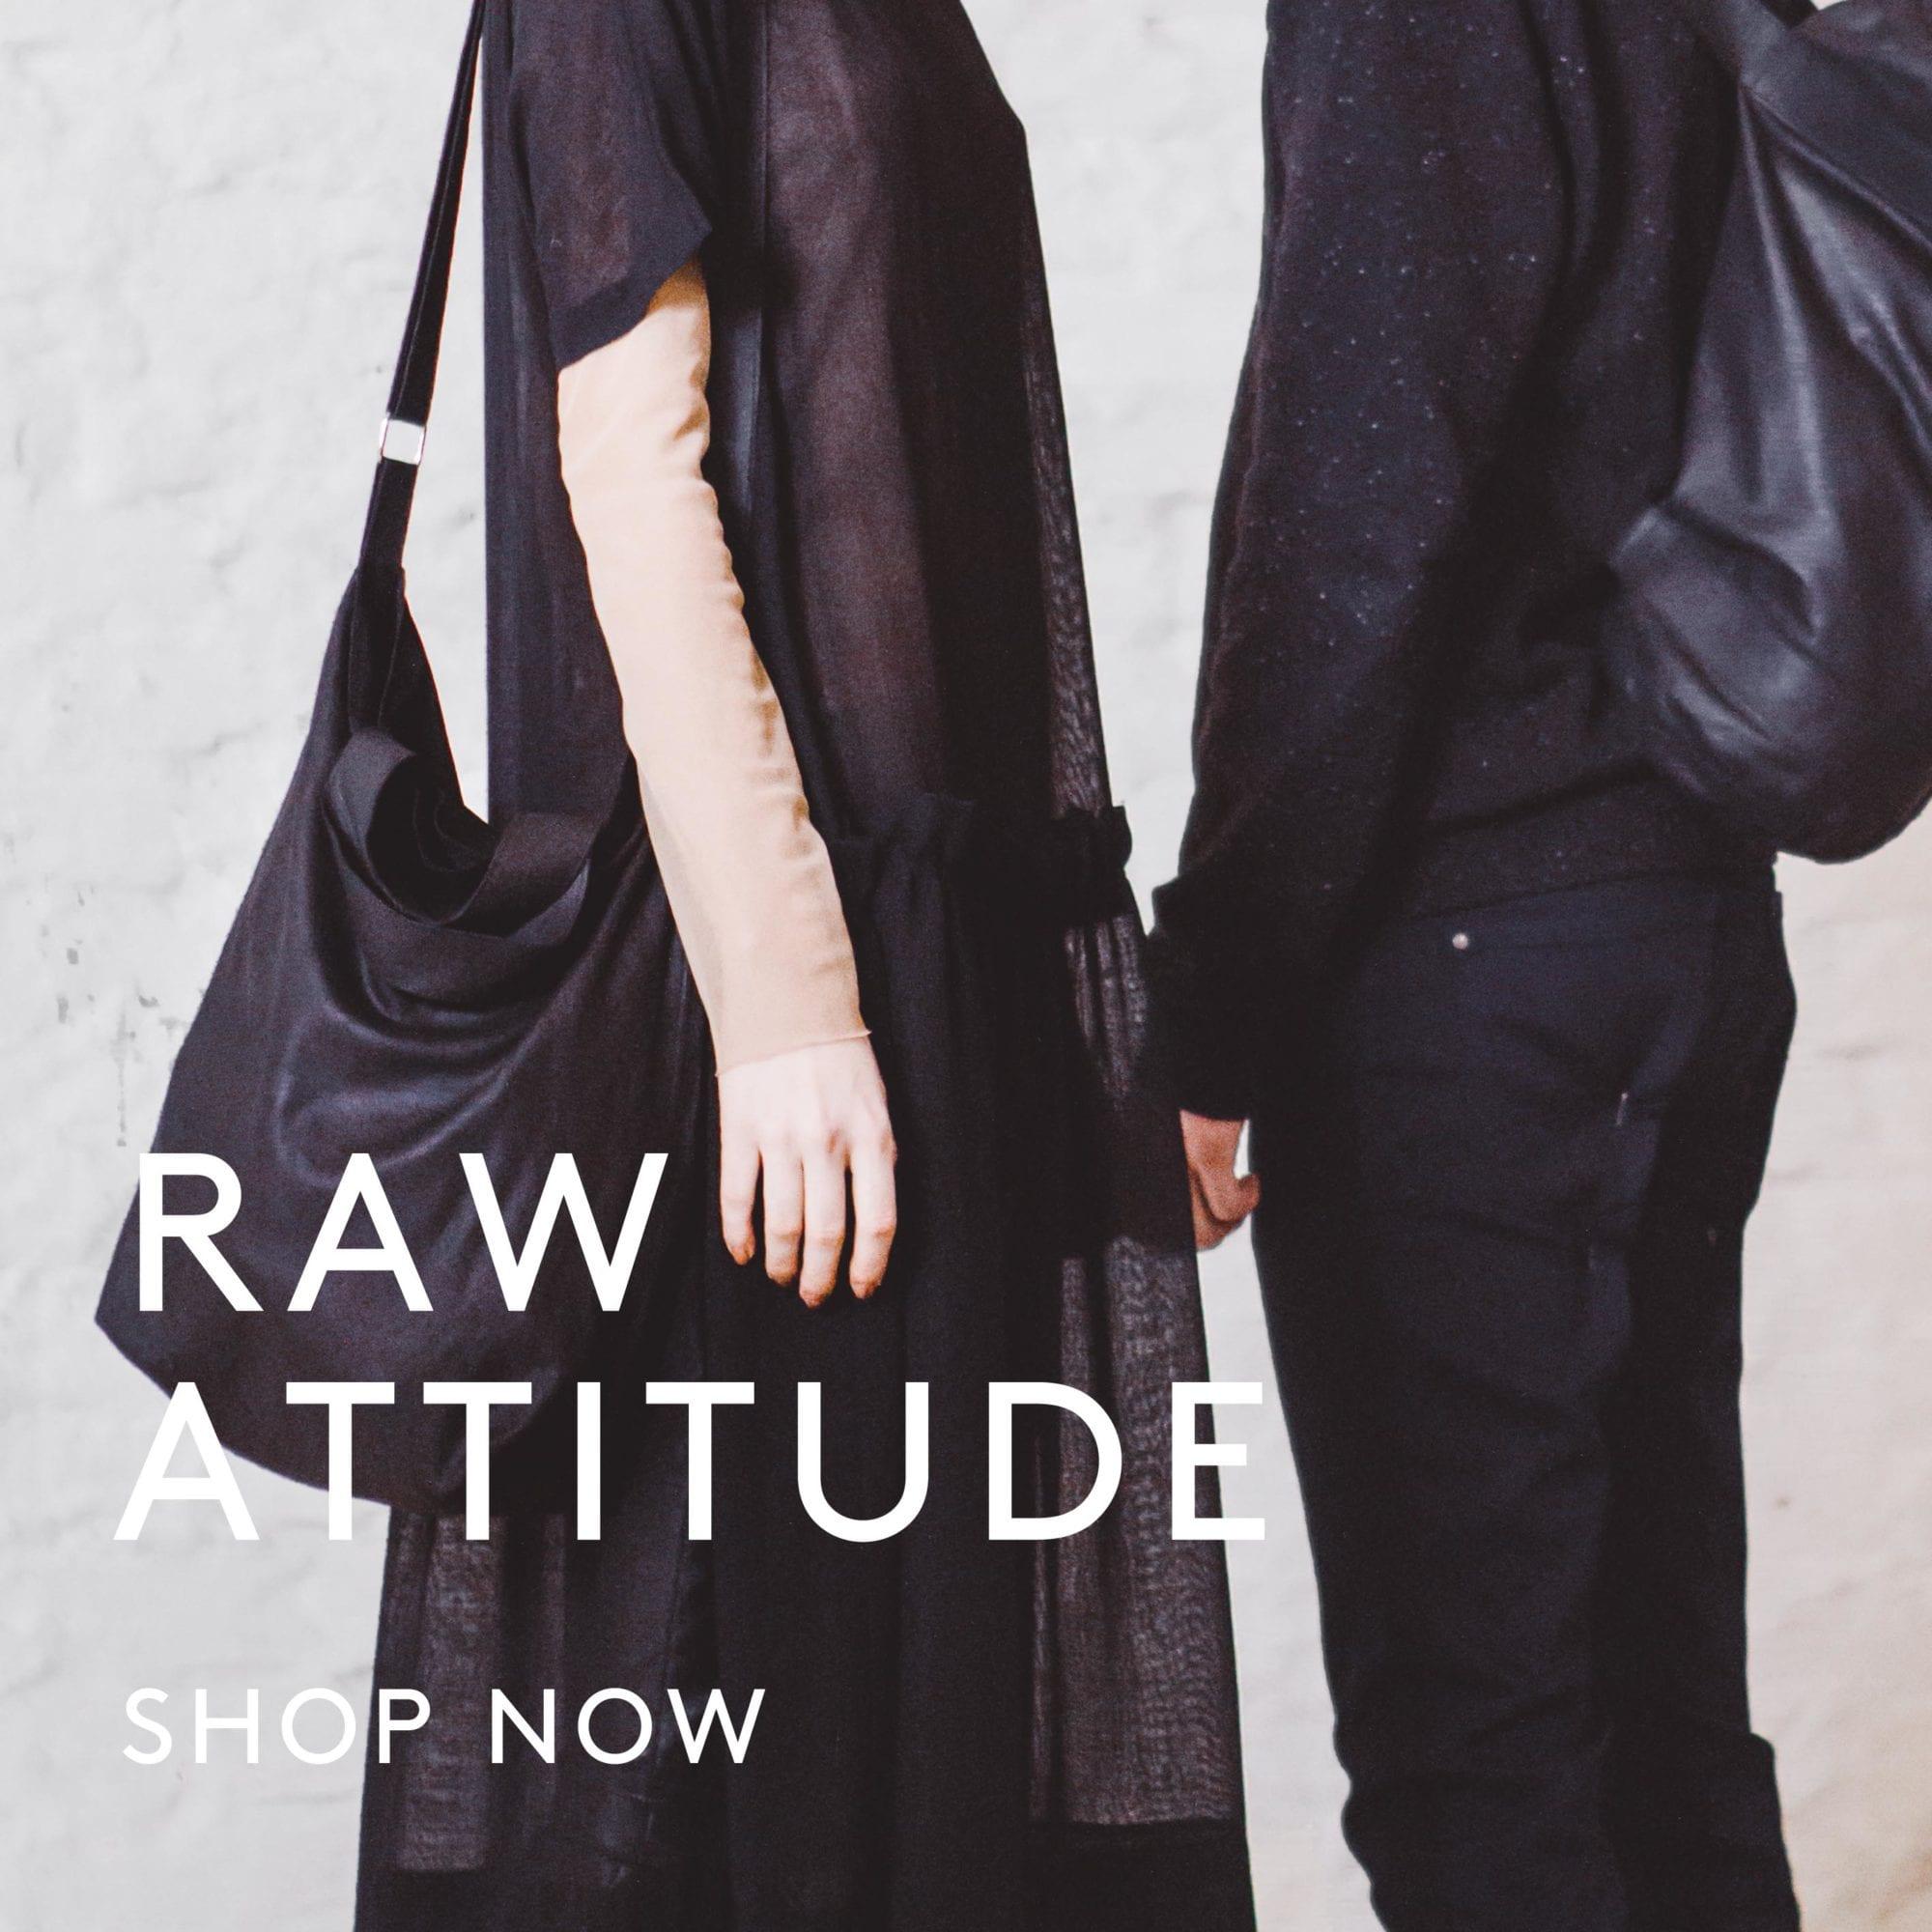 Raw Attitude for autumn